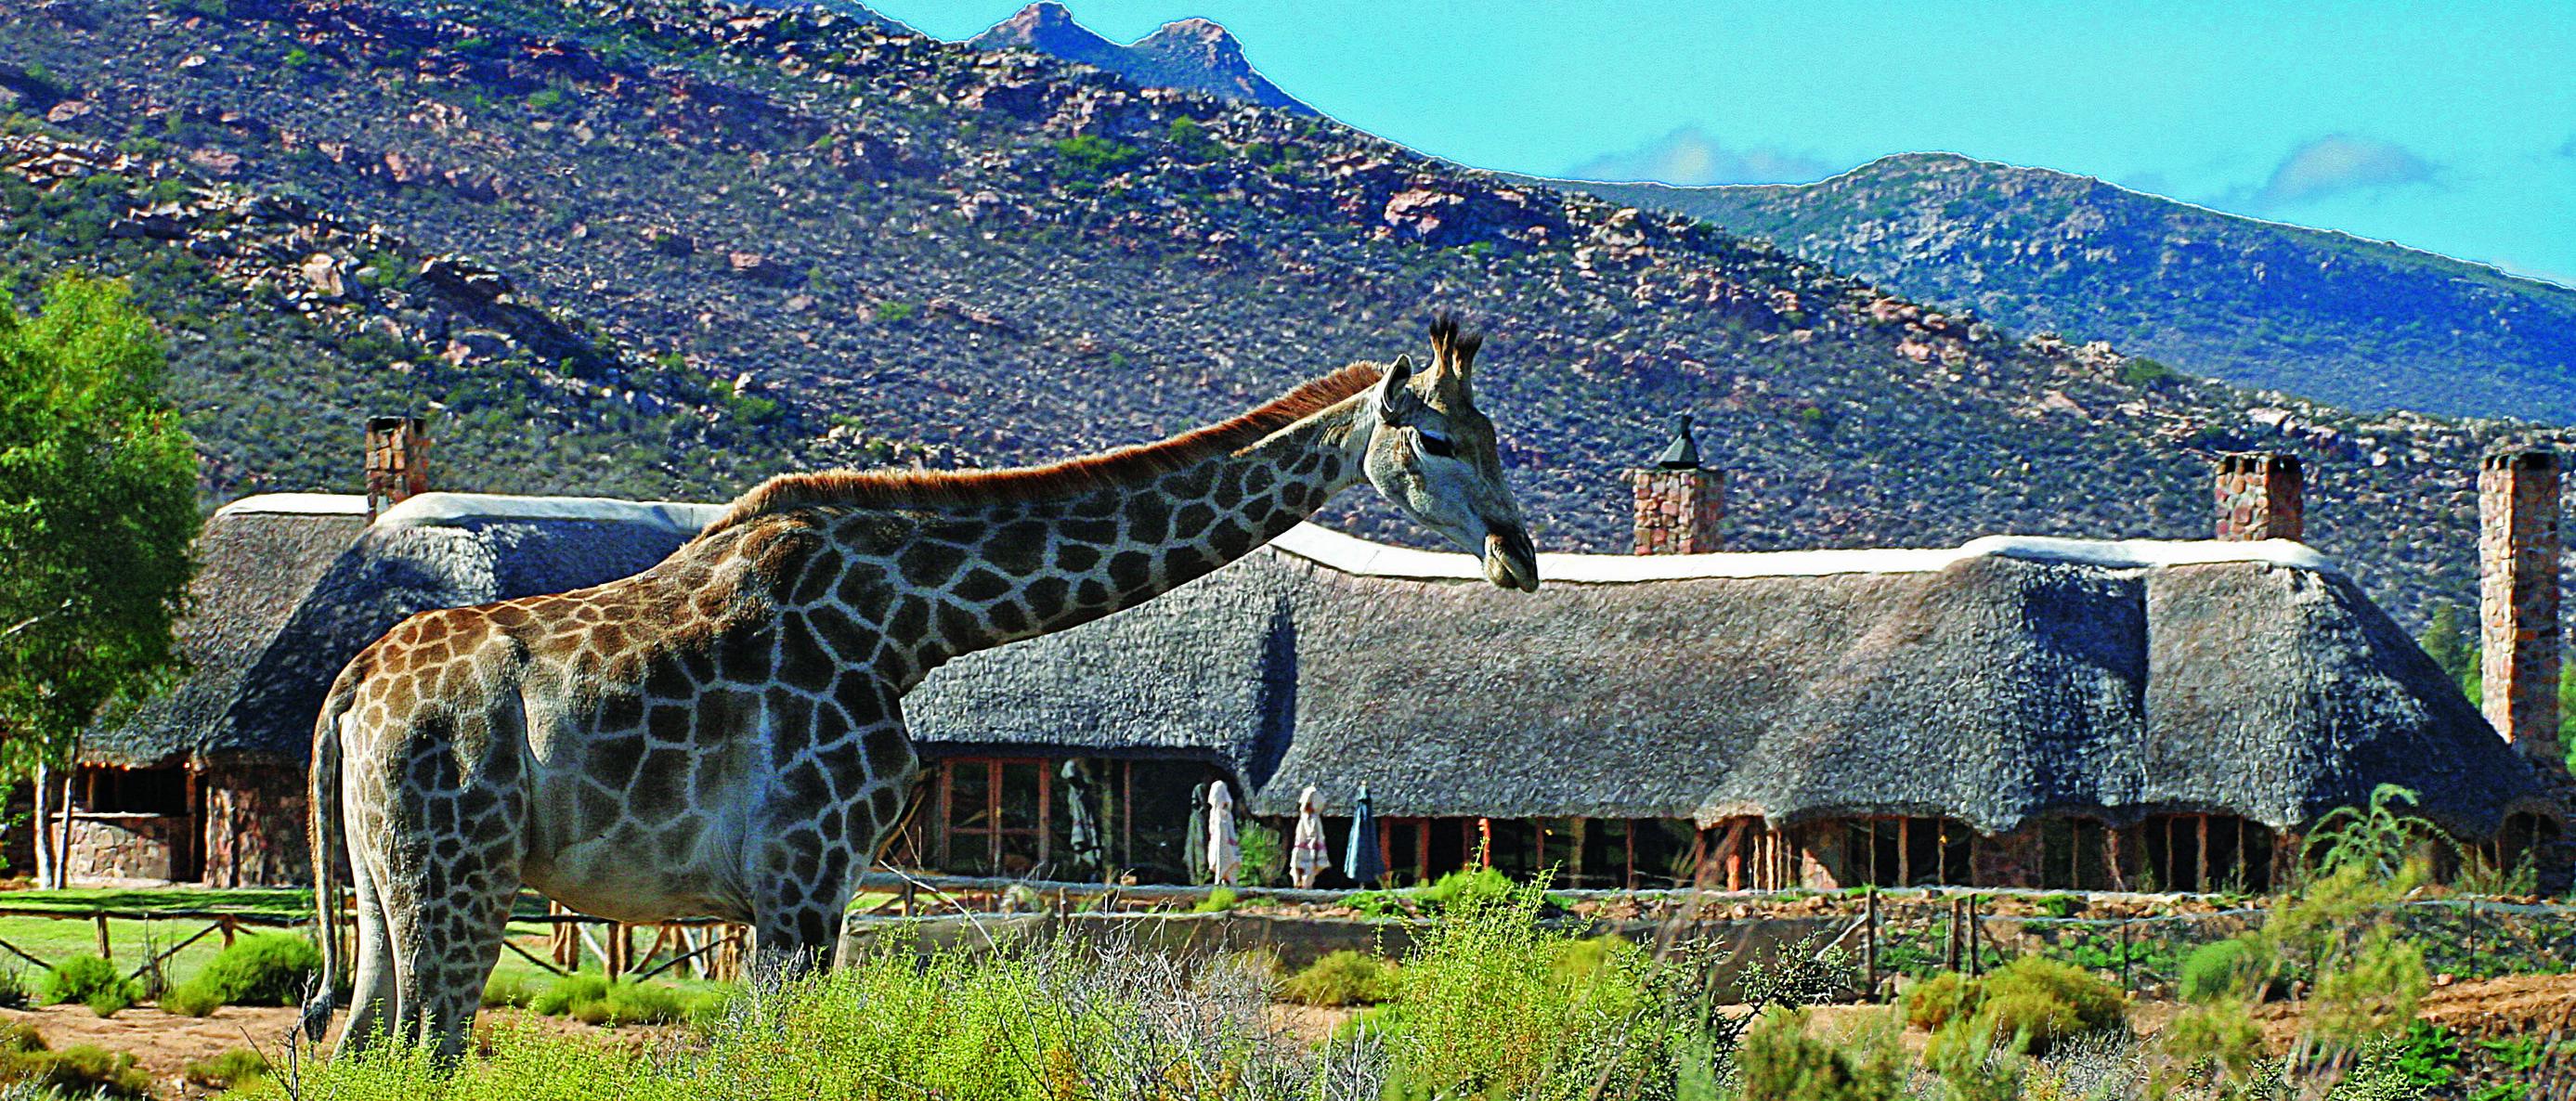 Giraffe & restaurant_